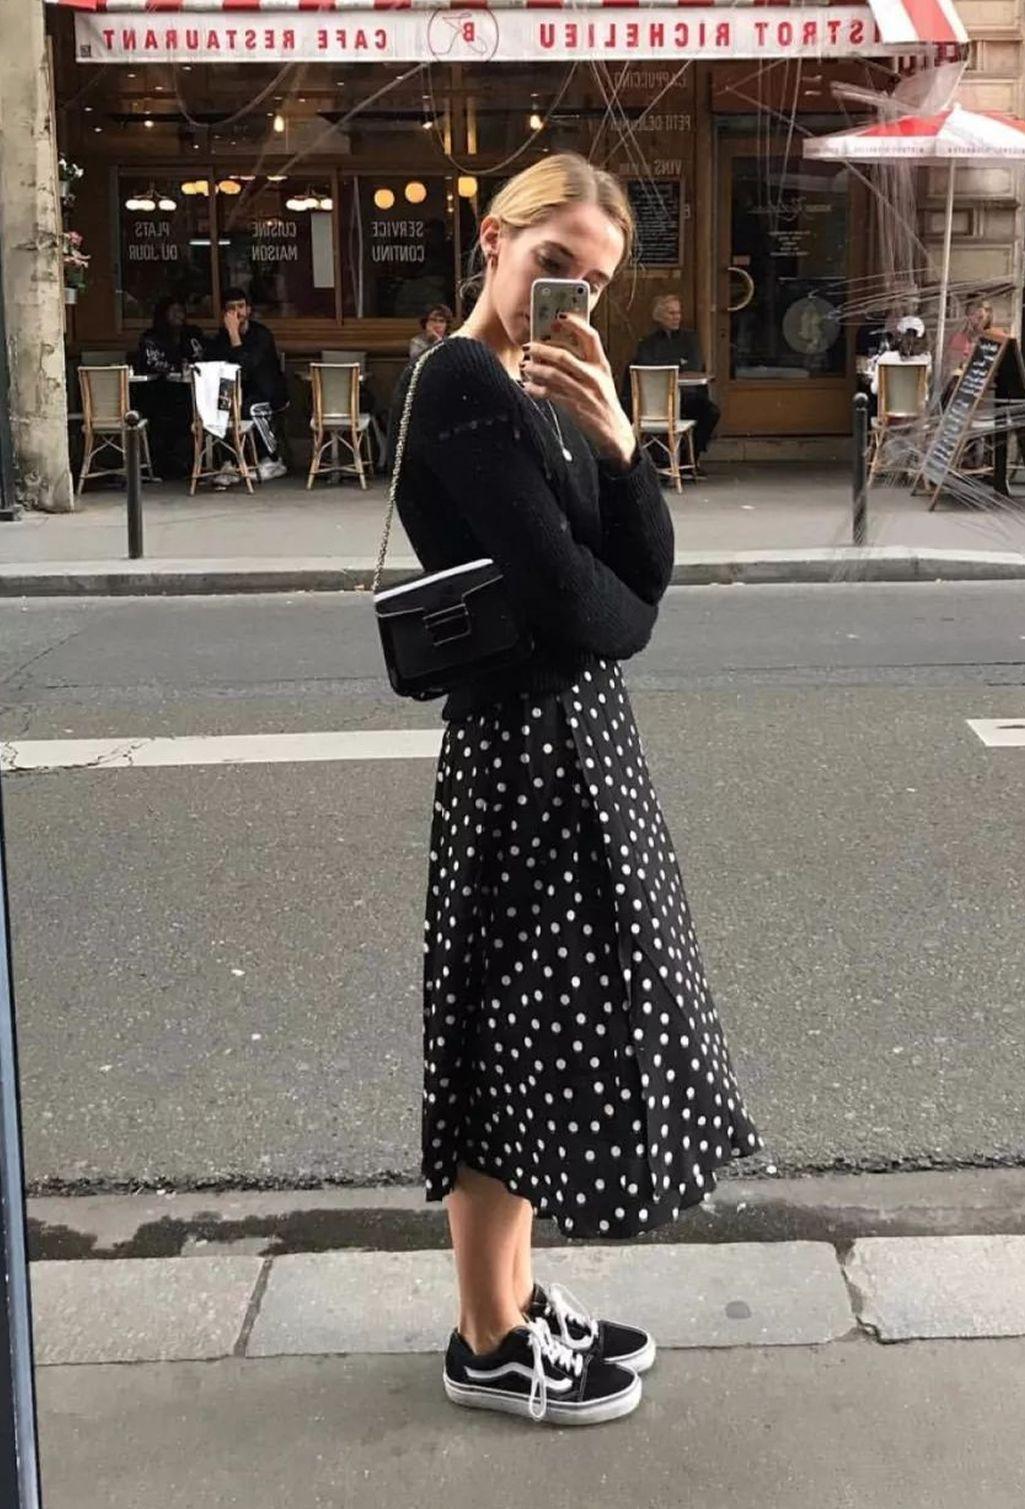 e6443bdd5 Tendência Poá, tendência bolinha, moda bolinha branca, moda bolinha preta,  vestido de bolinha preto, vestido de bolinha branca, vestido de bolinha, ...